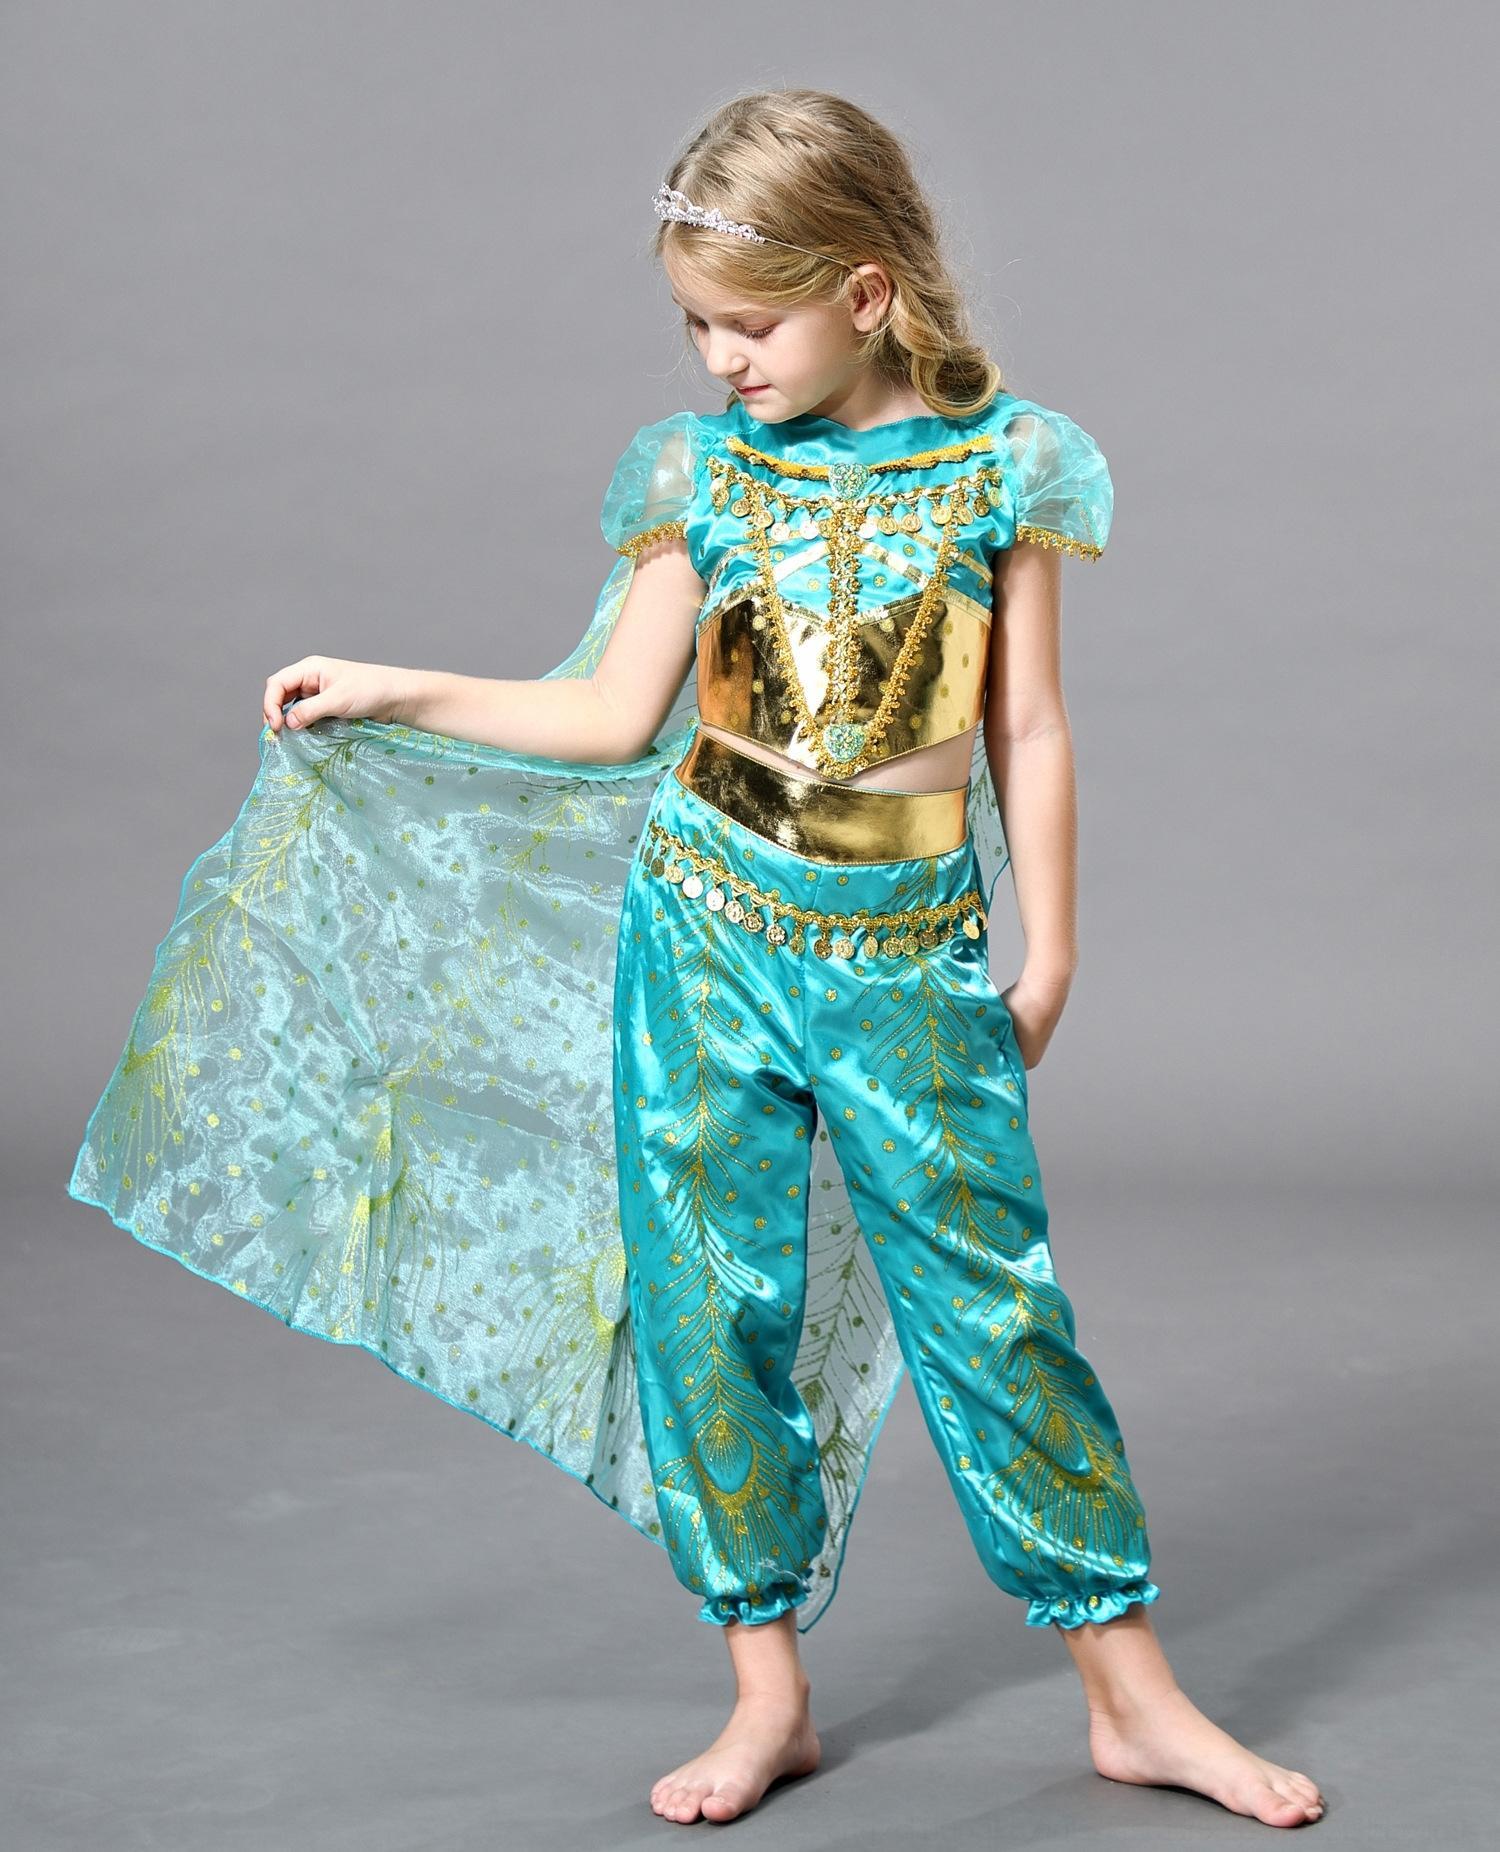 LQOV 2020 осень новое поступление девушки с длинным рукавом платья платья платье для детей лоскутная девушка